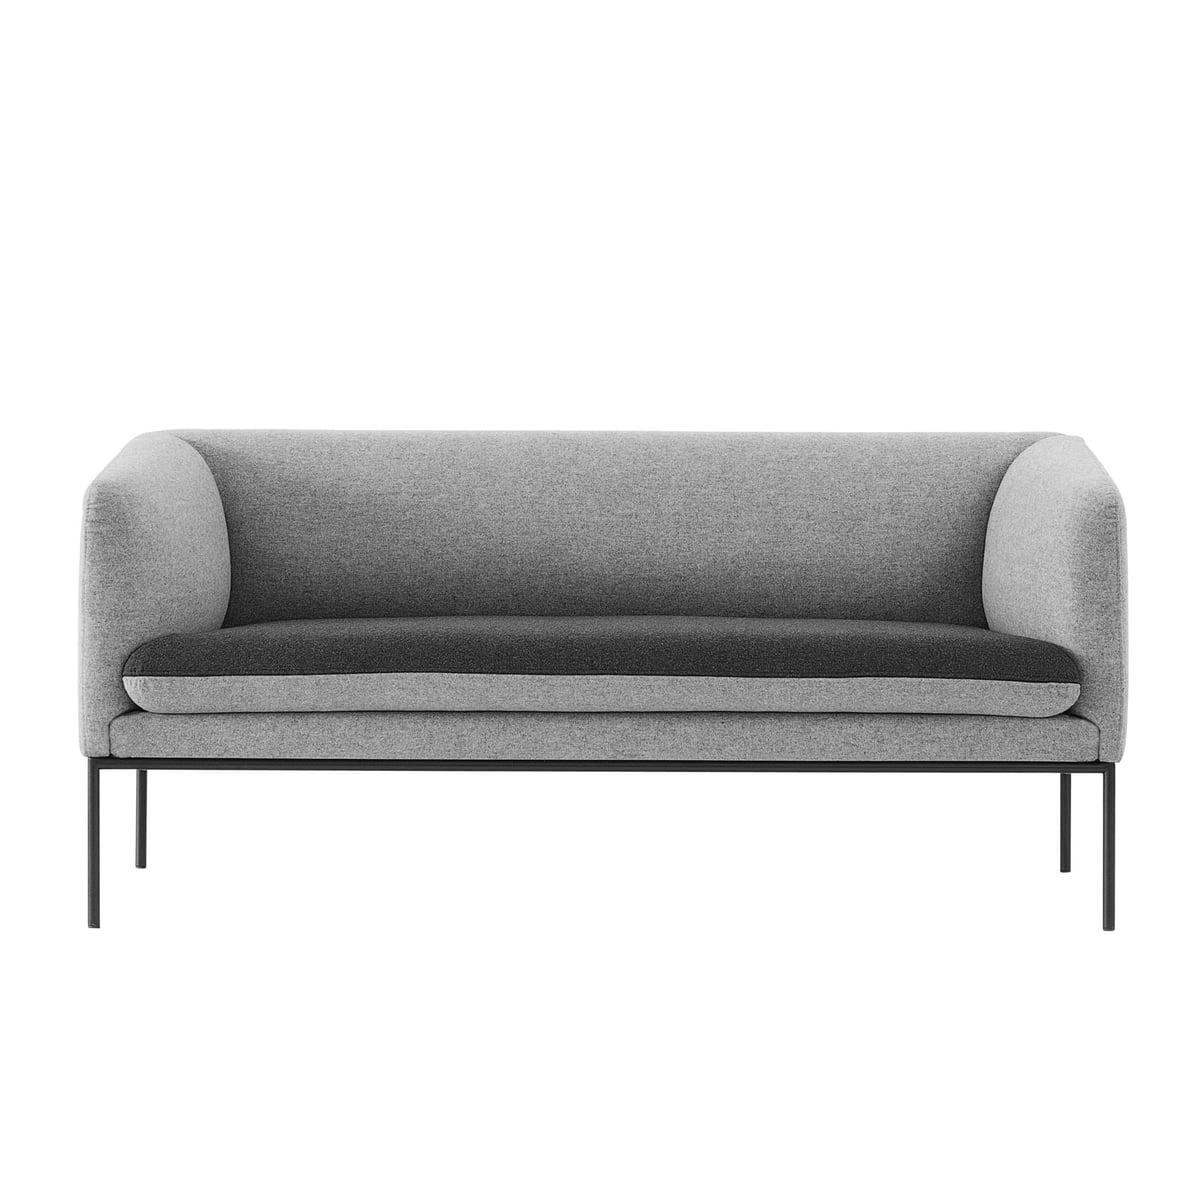 Inspirierend 2 Er Sofa Foto Von Ferm Living - Turn (2 Seater), Dark